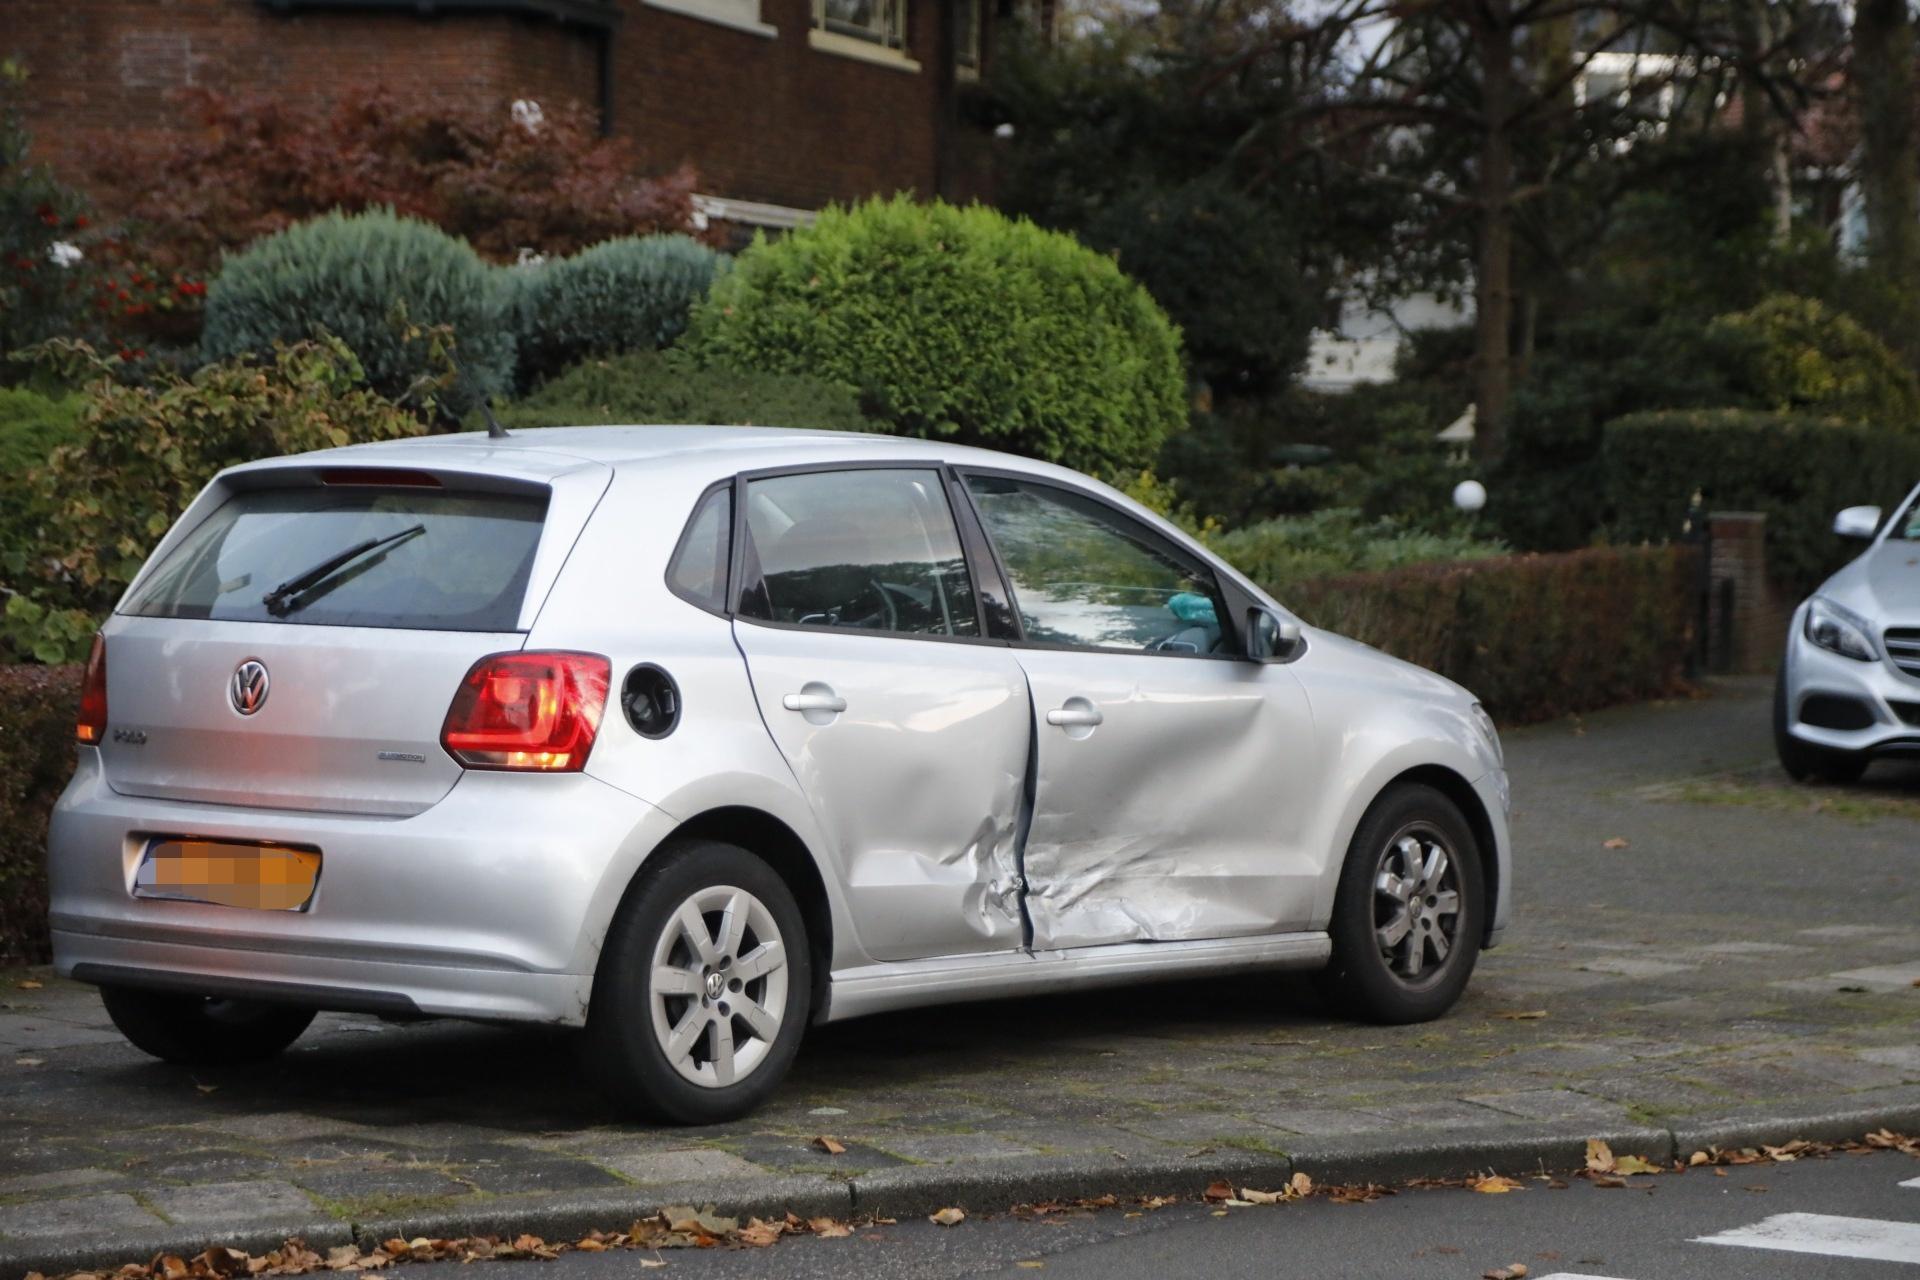 Gewonde bij ongeval op kruising in Beverwijk